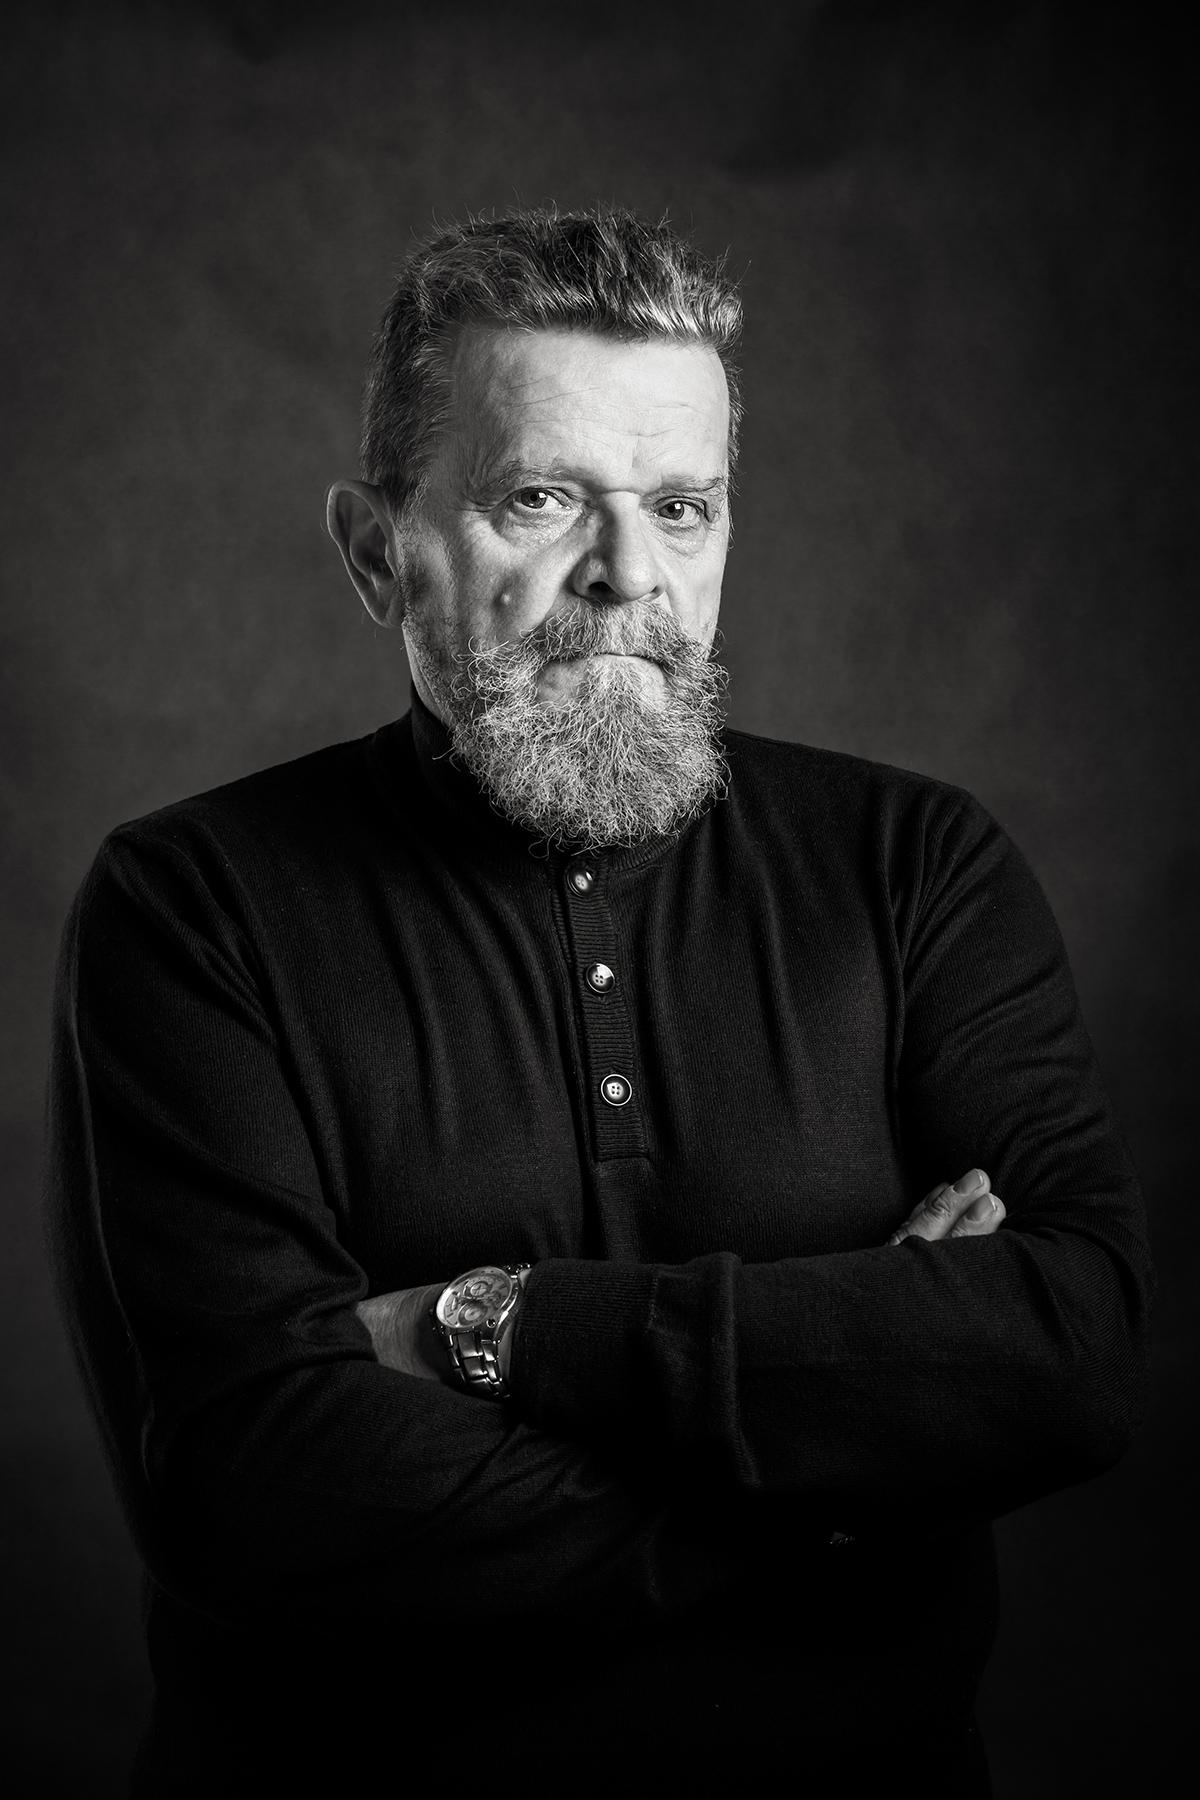 artystyczna fotografia portretowa bielsko 3a Sesja portretowa   Pan Zygmunt